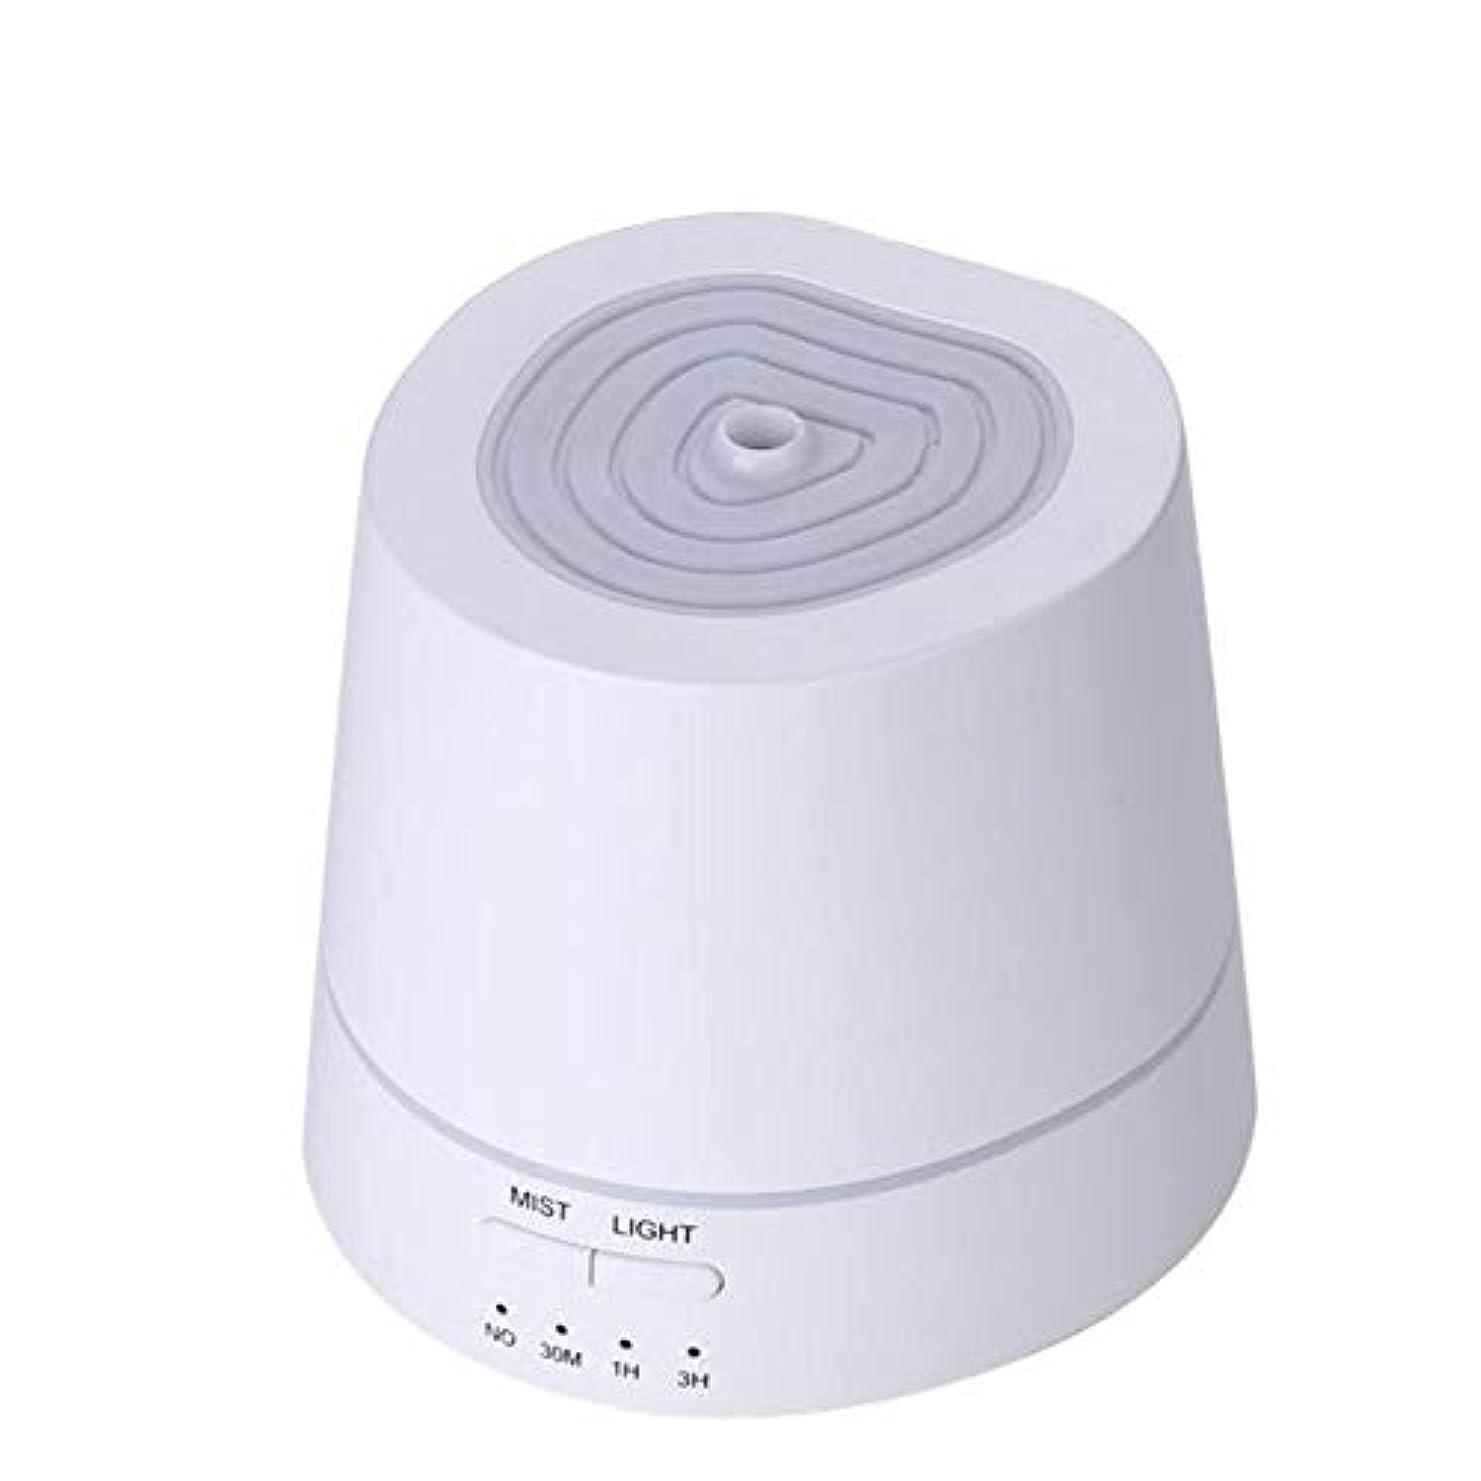 提出する検査官紛争アロマディフューザー 卓上加湿器 超音波式 150ml 小容量 USB充電式 7色LEDライト付き 間接照明 時間設定機能 部屋、会社、ヨガなど場所適用 Styleshow